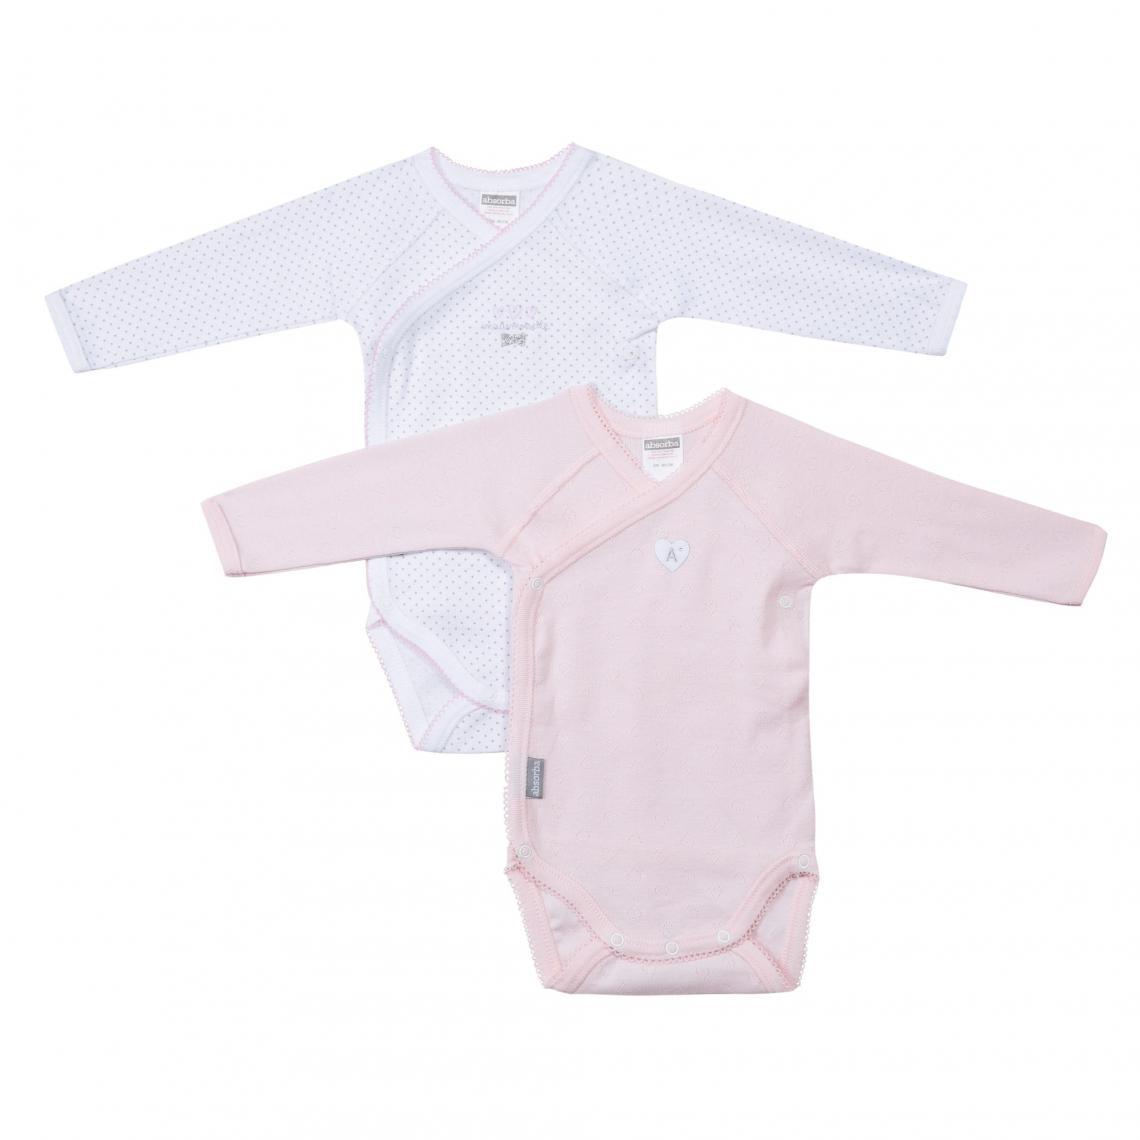 Lot de 2 bodies croisés manches longues bébé fille Absorba - Blanc - Rose Absorba  Enfant ca91b64780d